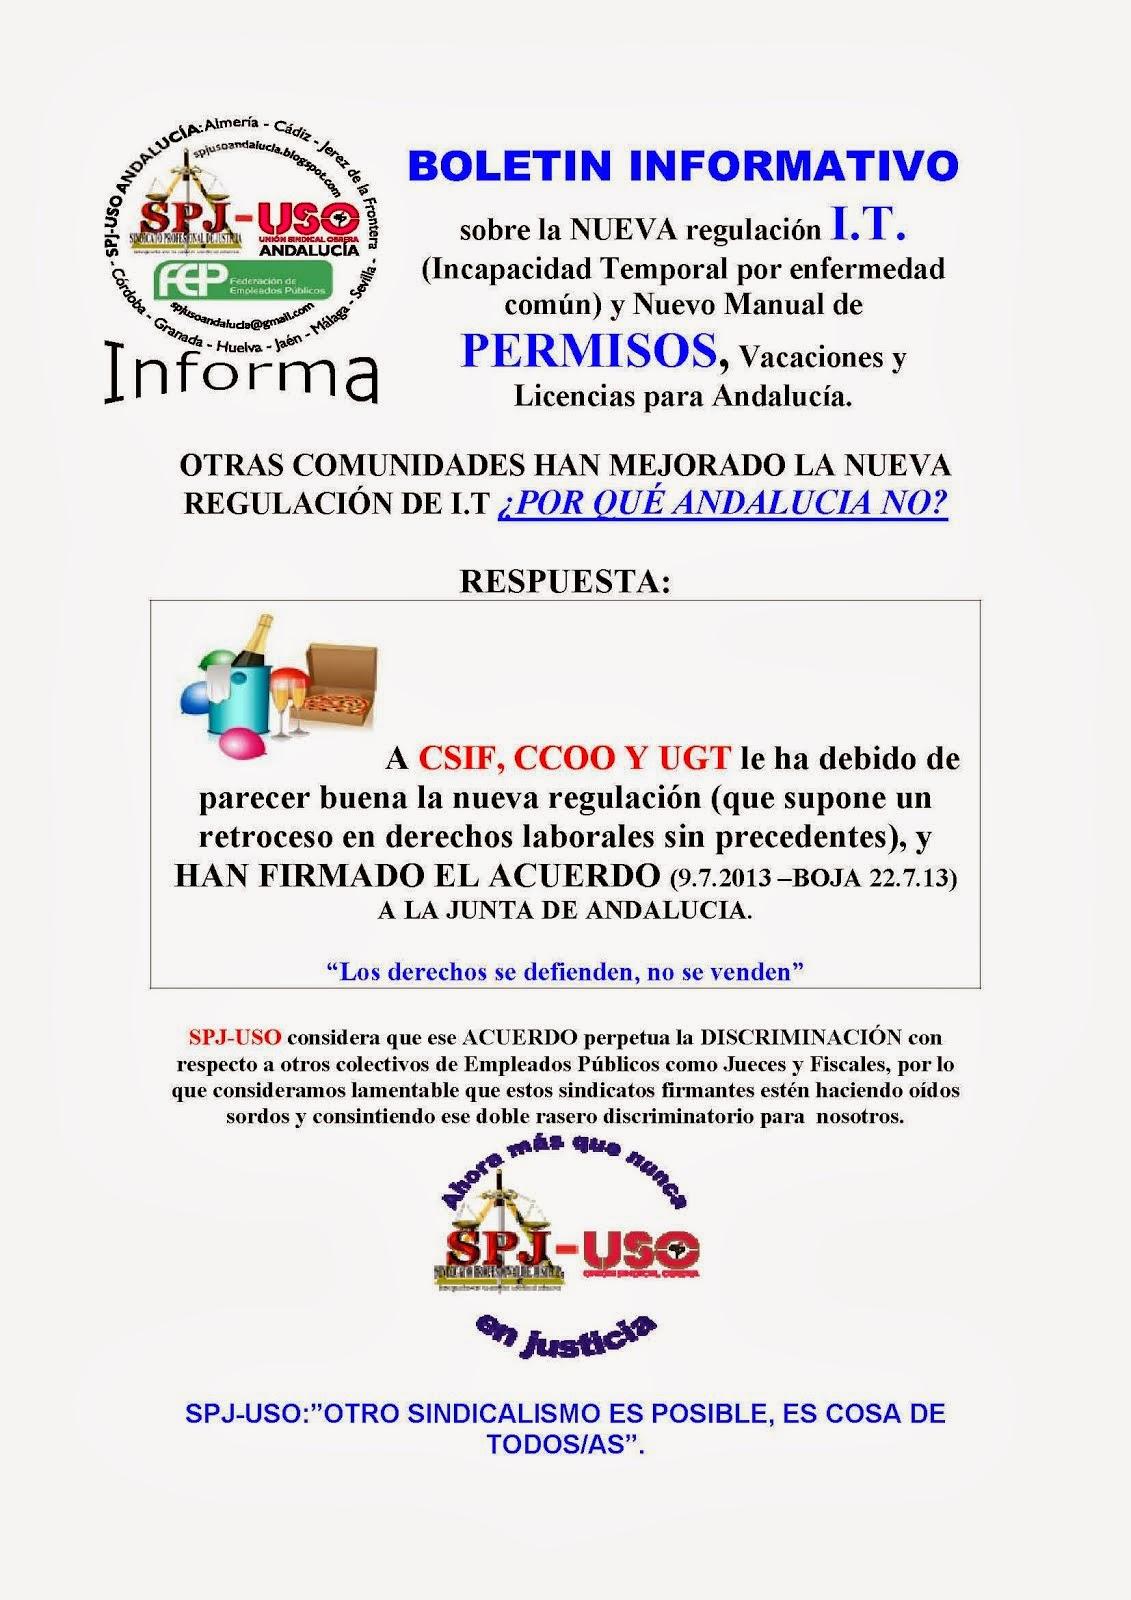 SPJ-USO Andalucía presenta RECURSO CONTRA LA IT. (11.10.13).